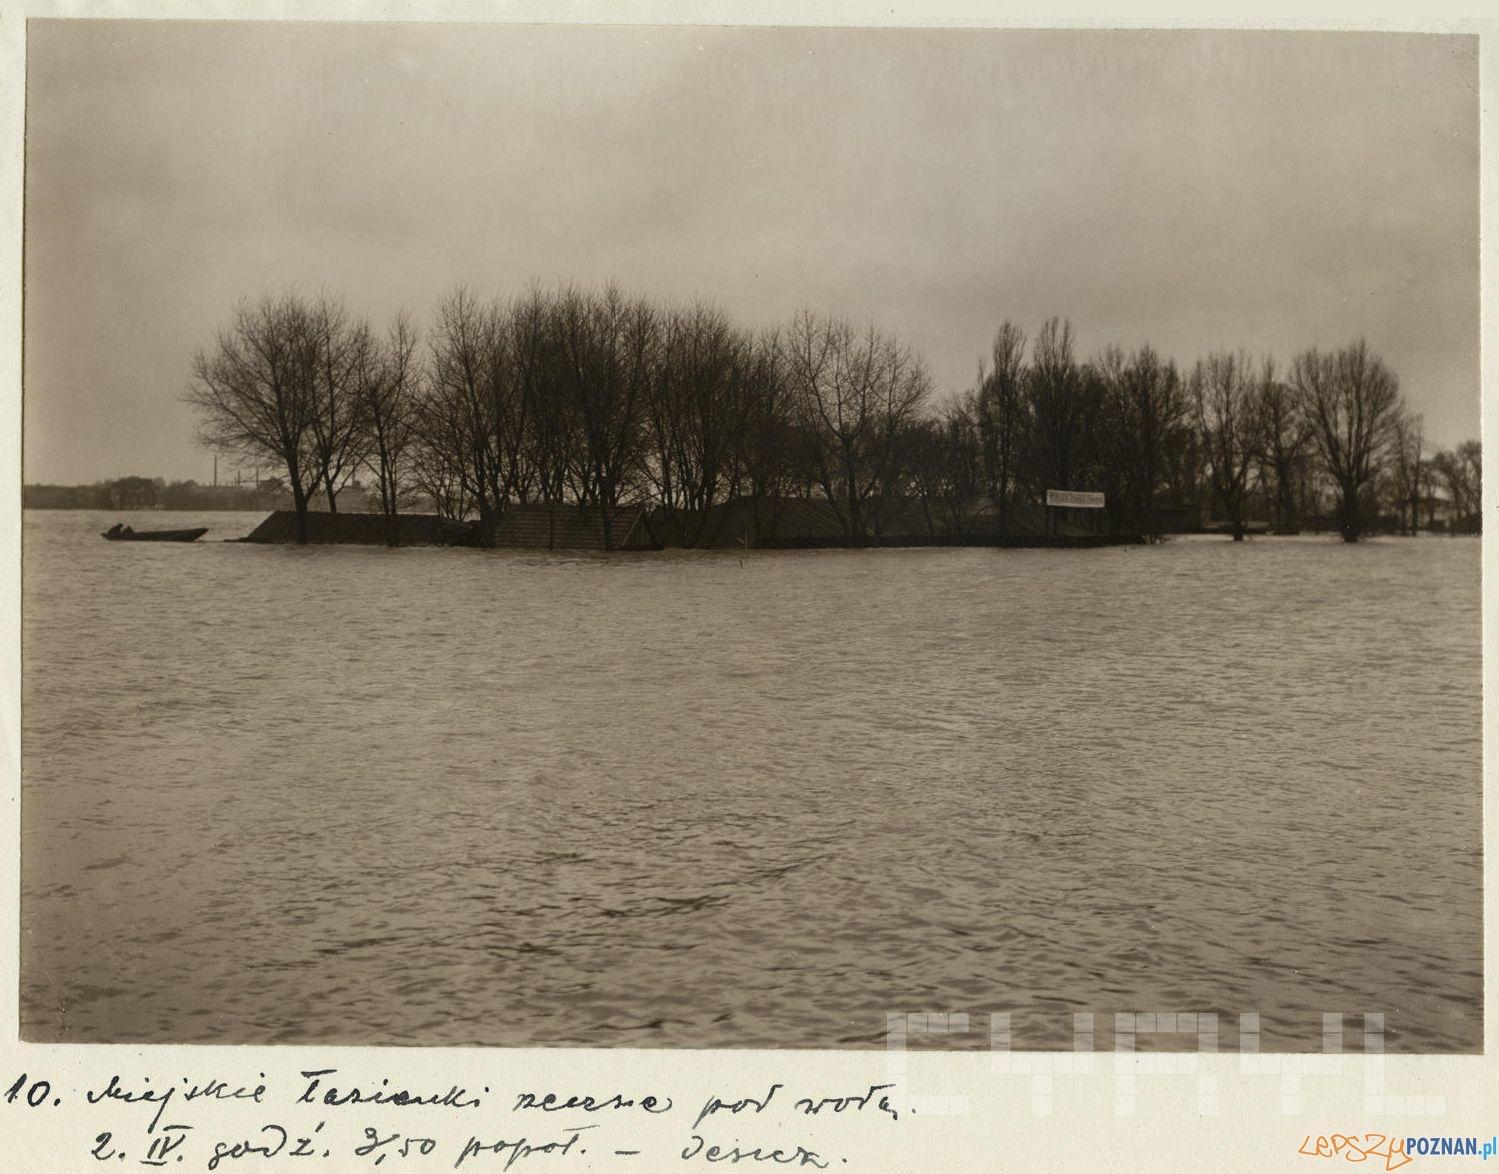 Łazienki Droga Dębińskiej zalane wodami Warty –  2.04.1924